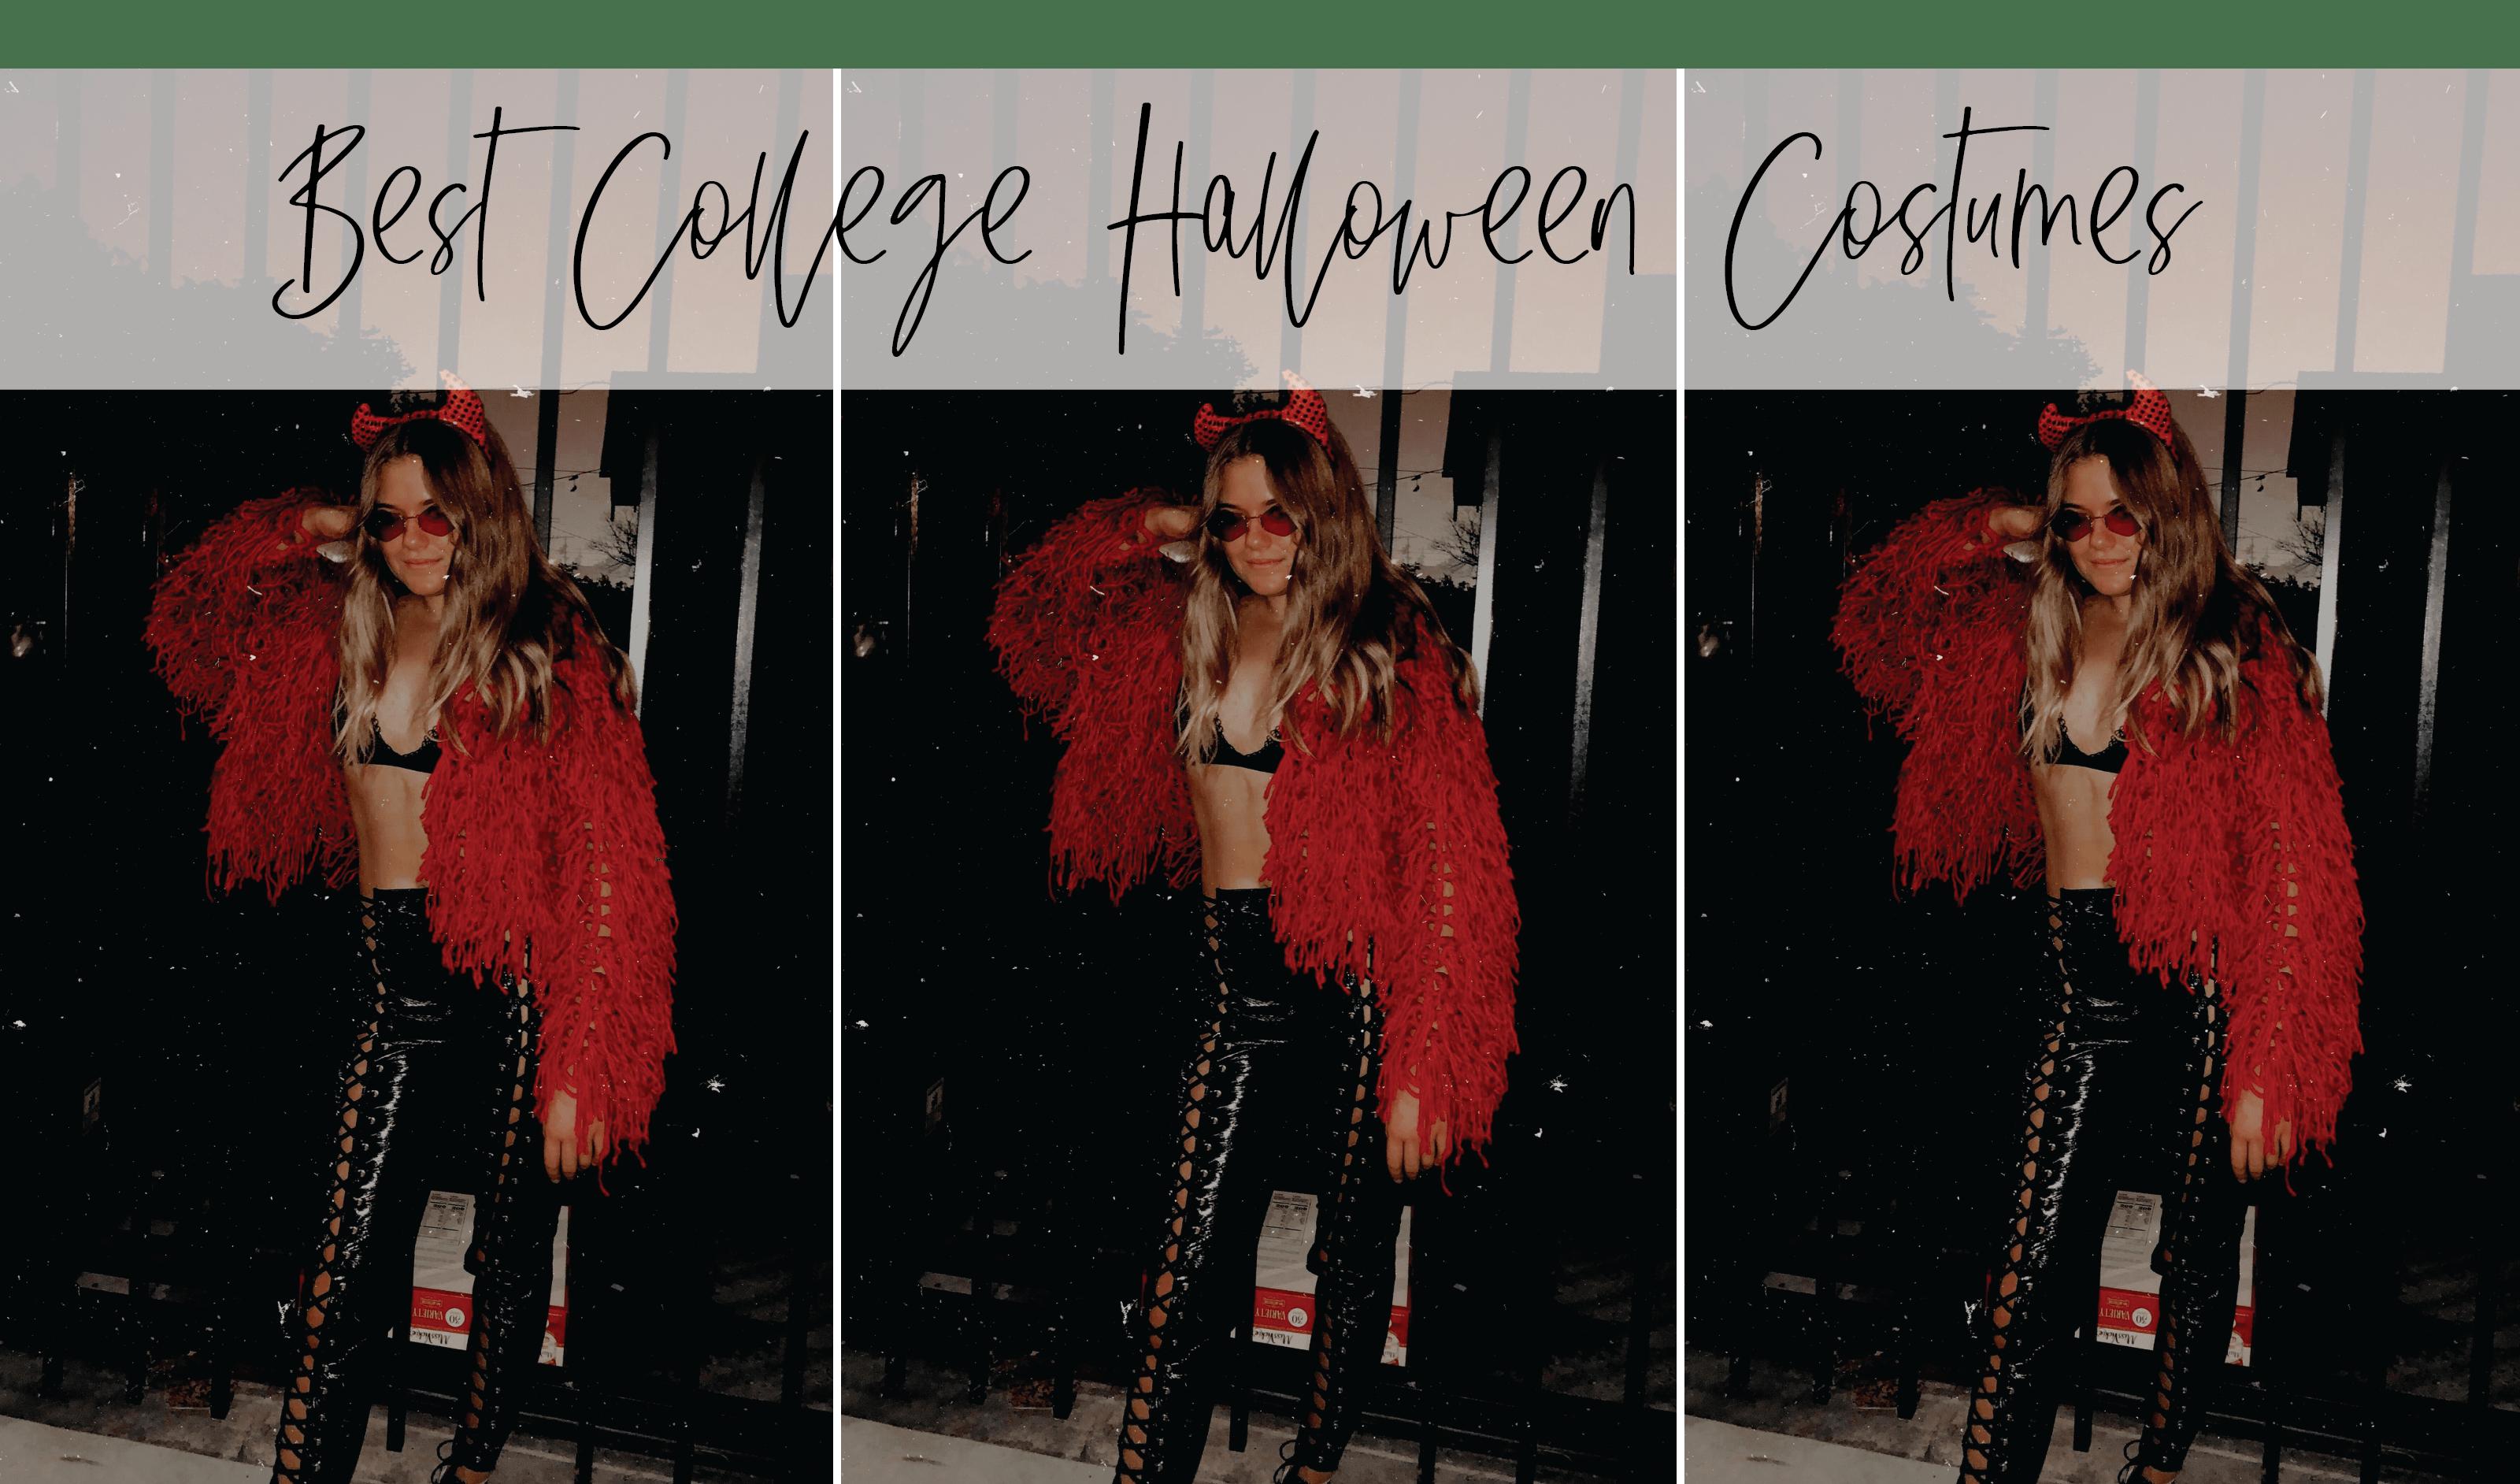 costume ideas college